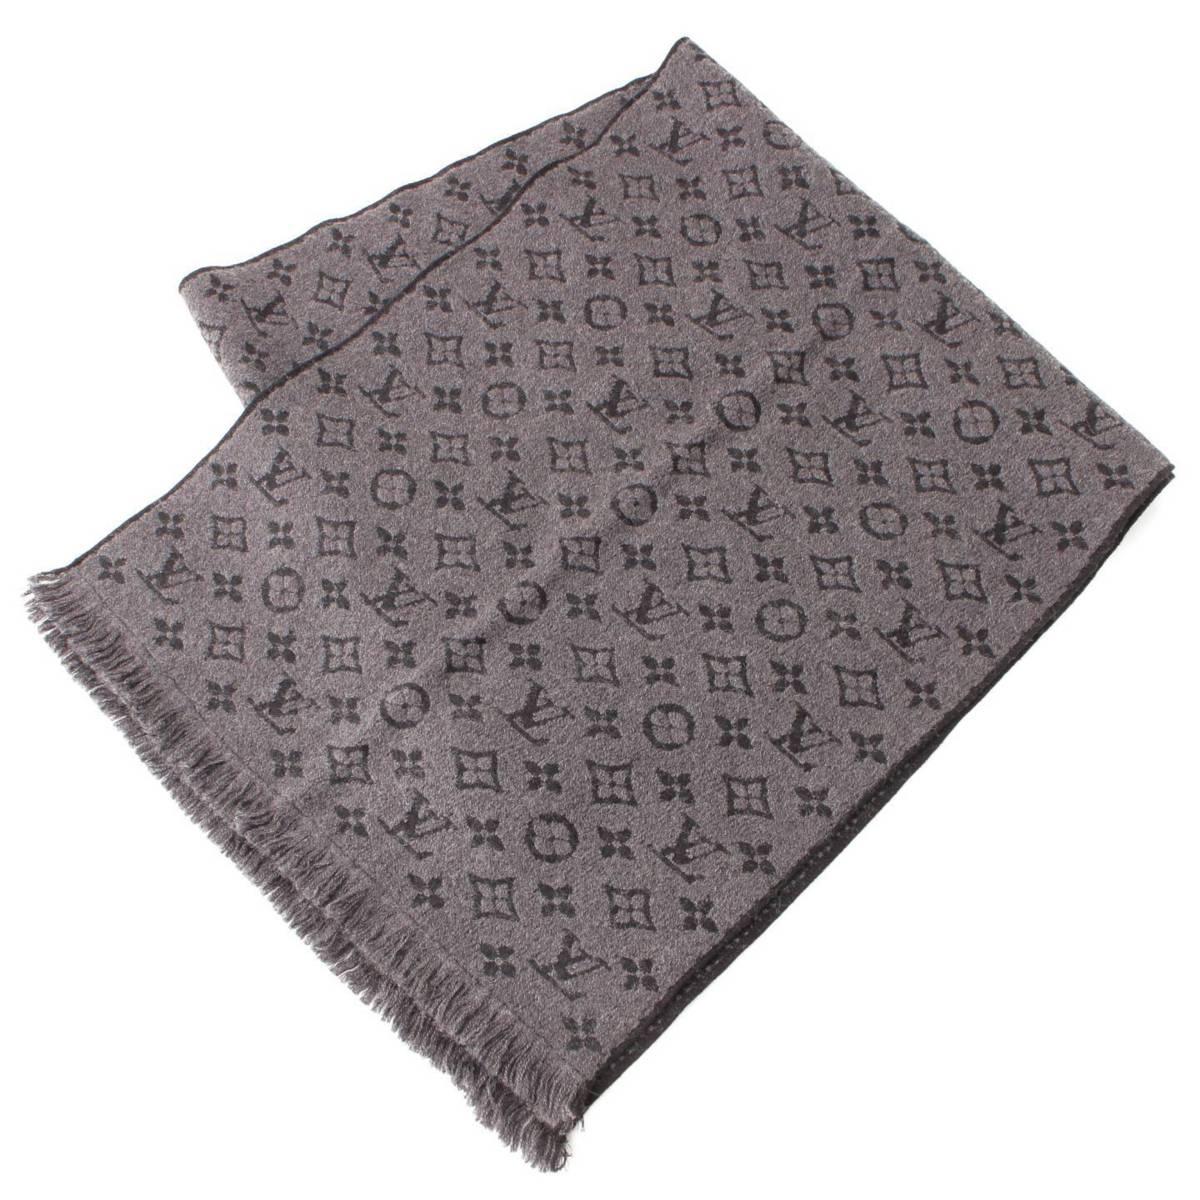 【ルイヴィトン】Louis Vuitton エシャルプ・モノグラム クラシック ウール マフラー ストール M78526 アントラシット 【中古】【鑑定済・正規品保証】83814